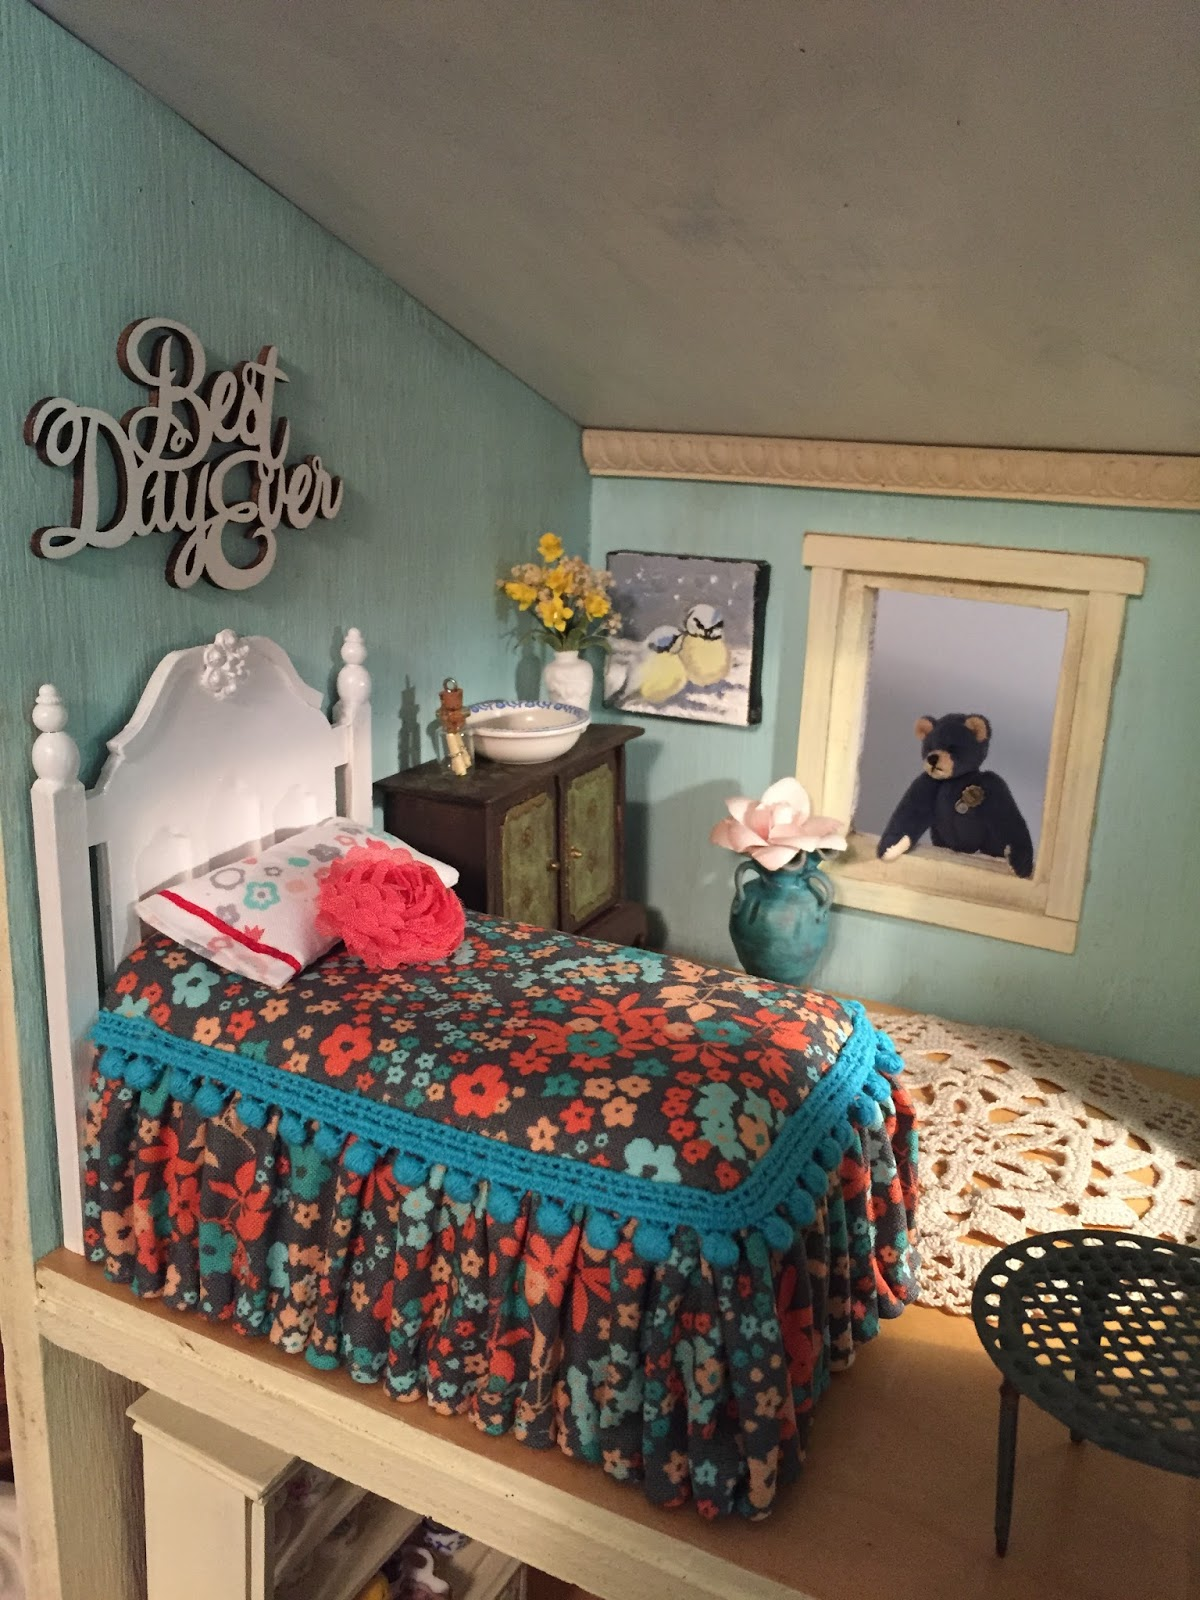 Dollhouse Curtain On A Curtain Rod Nature S Soul Miniatures